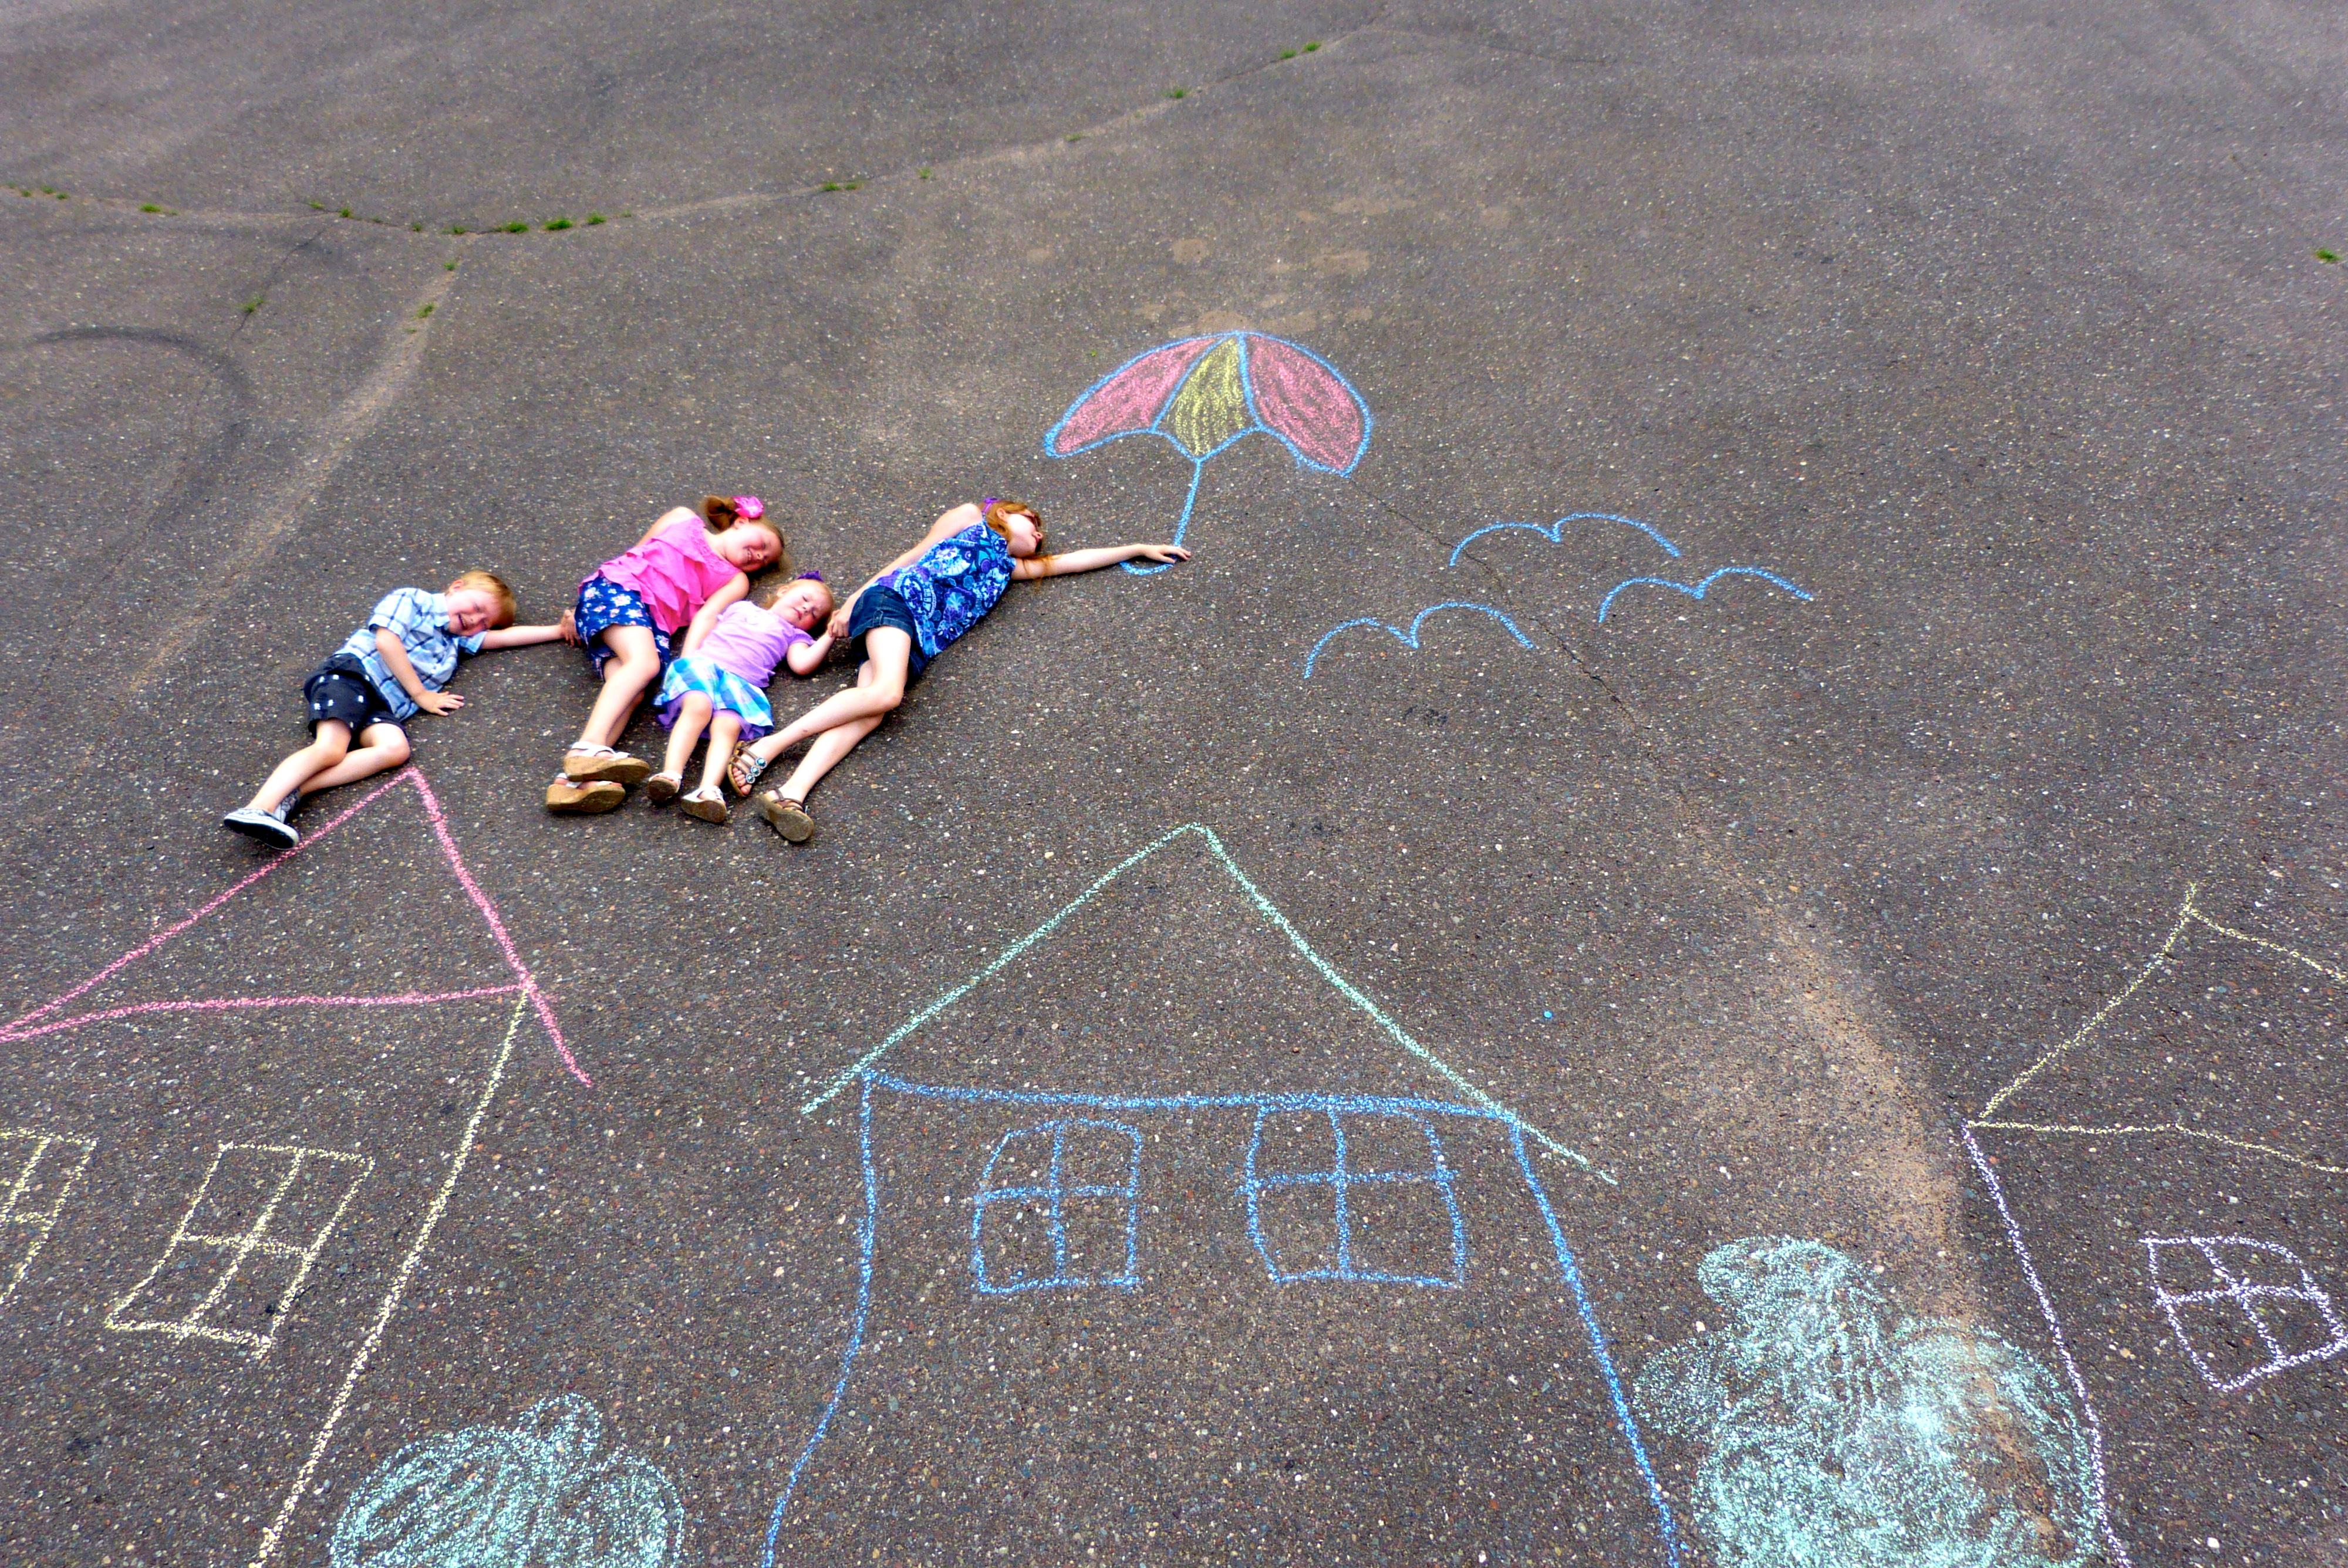 Summer Fun With Sidewalk Chalk Life Exquisite